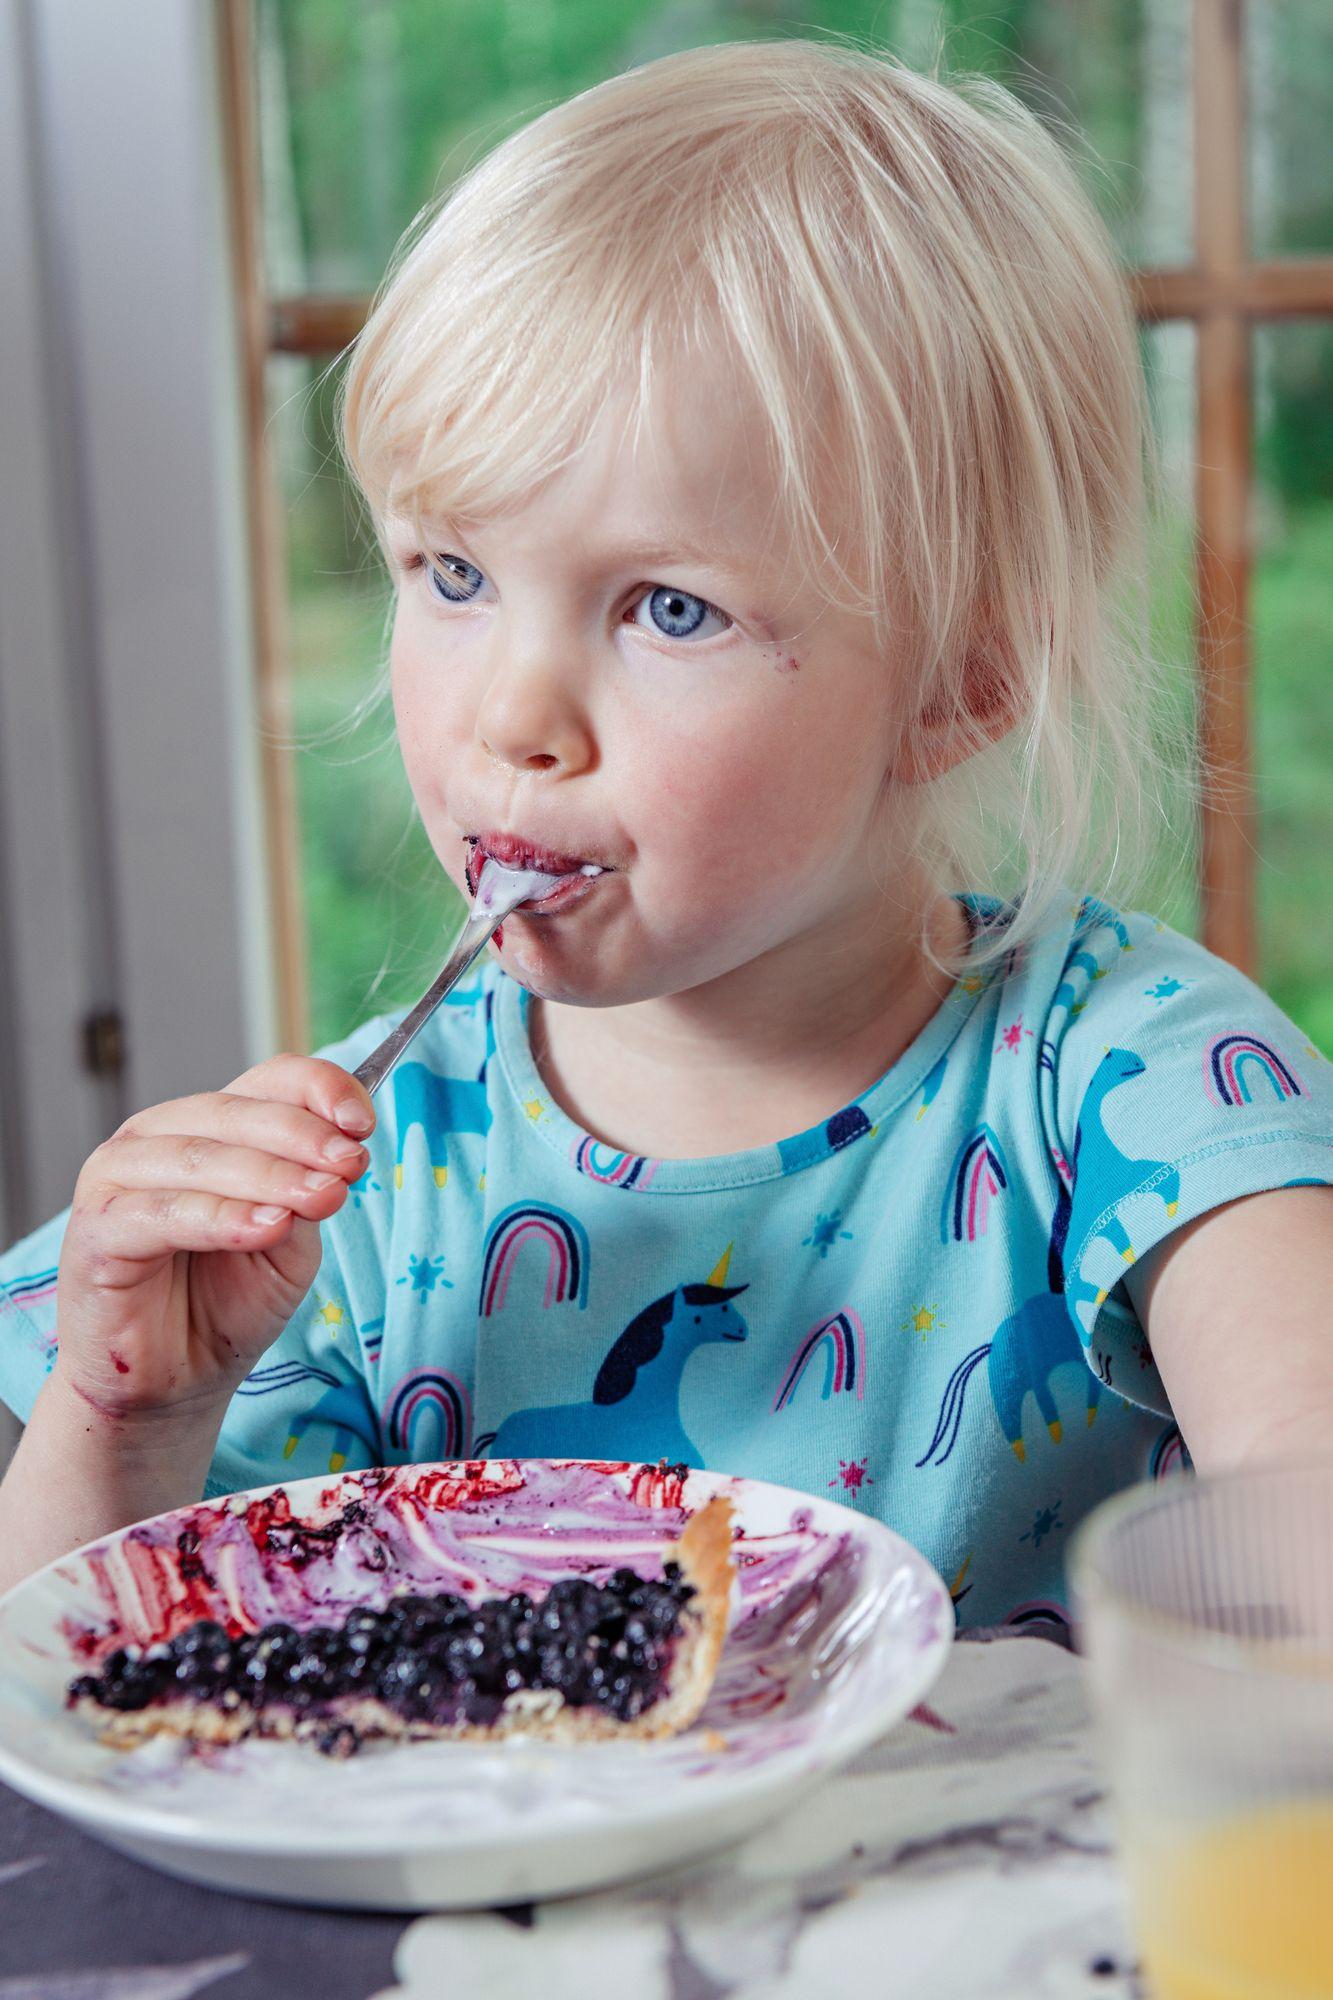 Itse poimituista mustikoista leivottu piirakka maistuu Alinalle. © Pihla Liukkonen